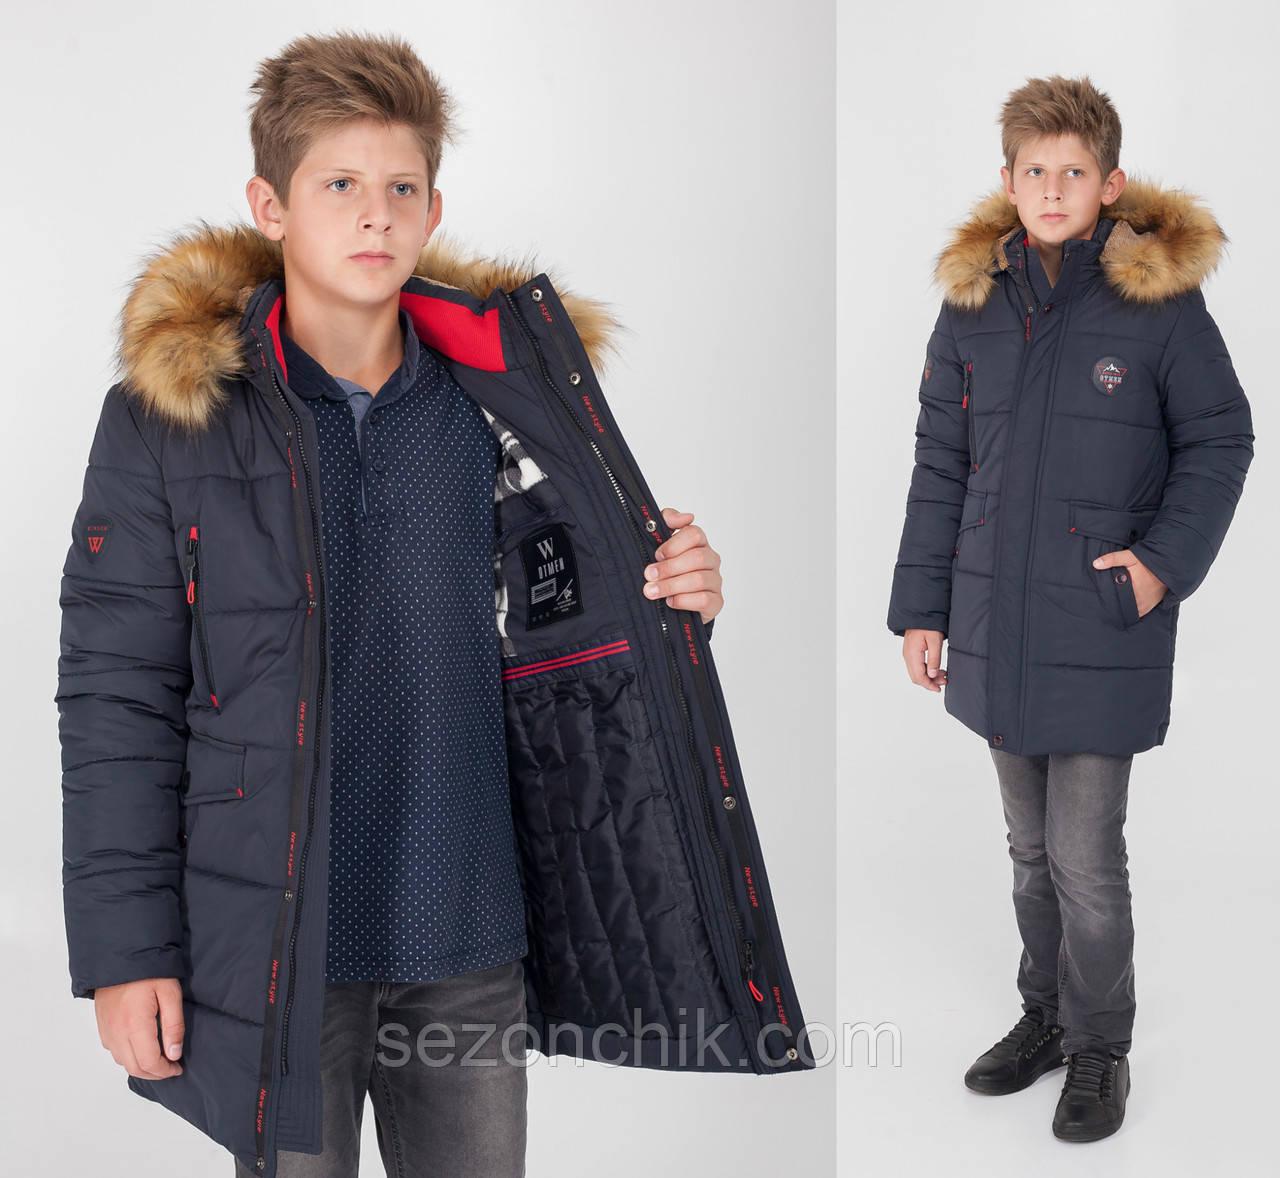 Зимние куртки на мальчика детские от производителя